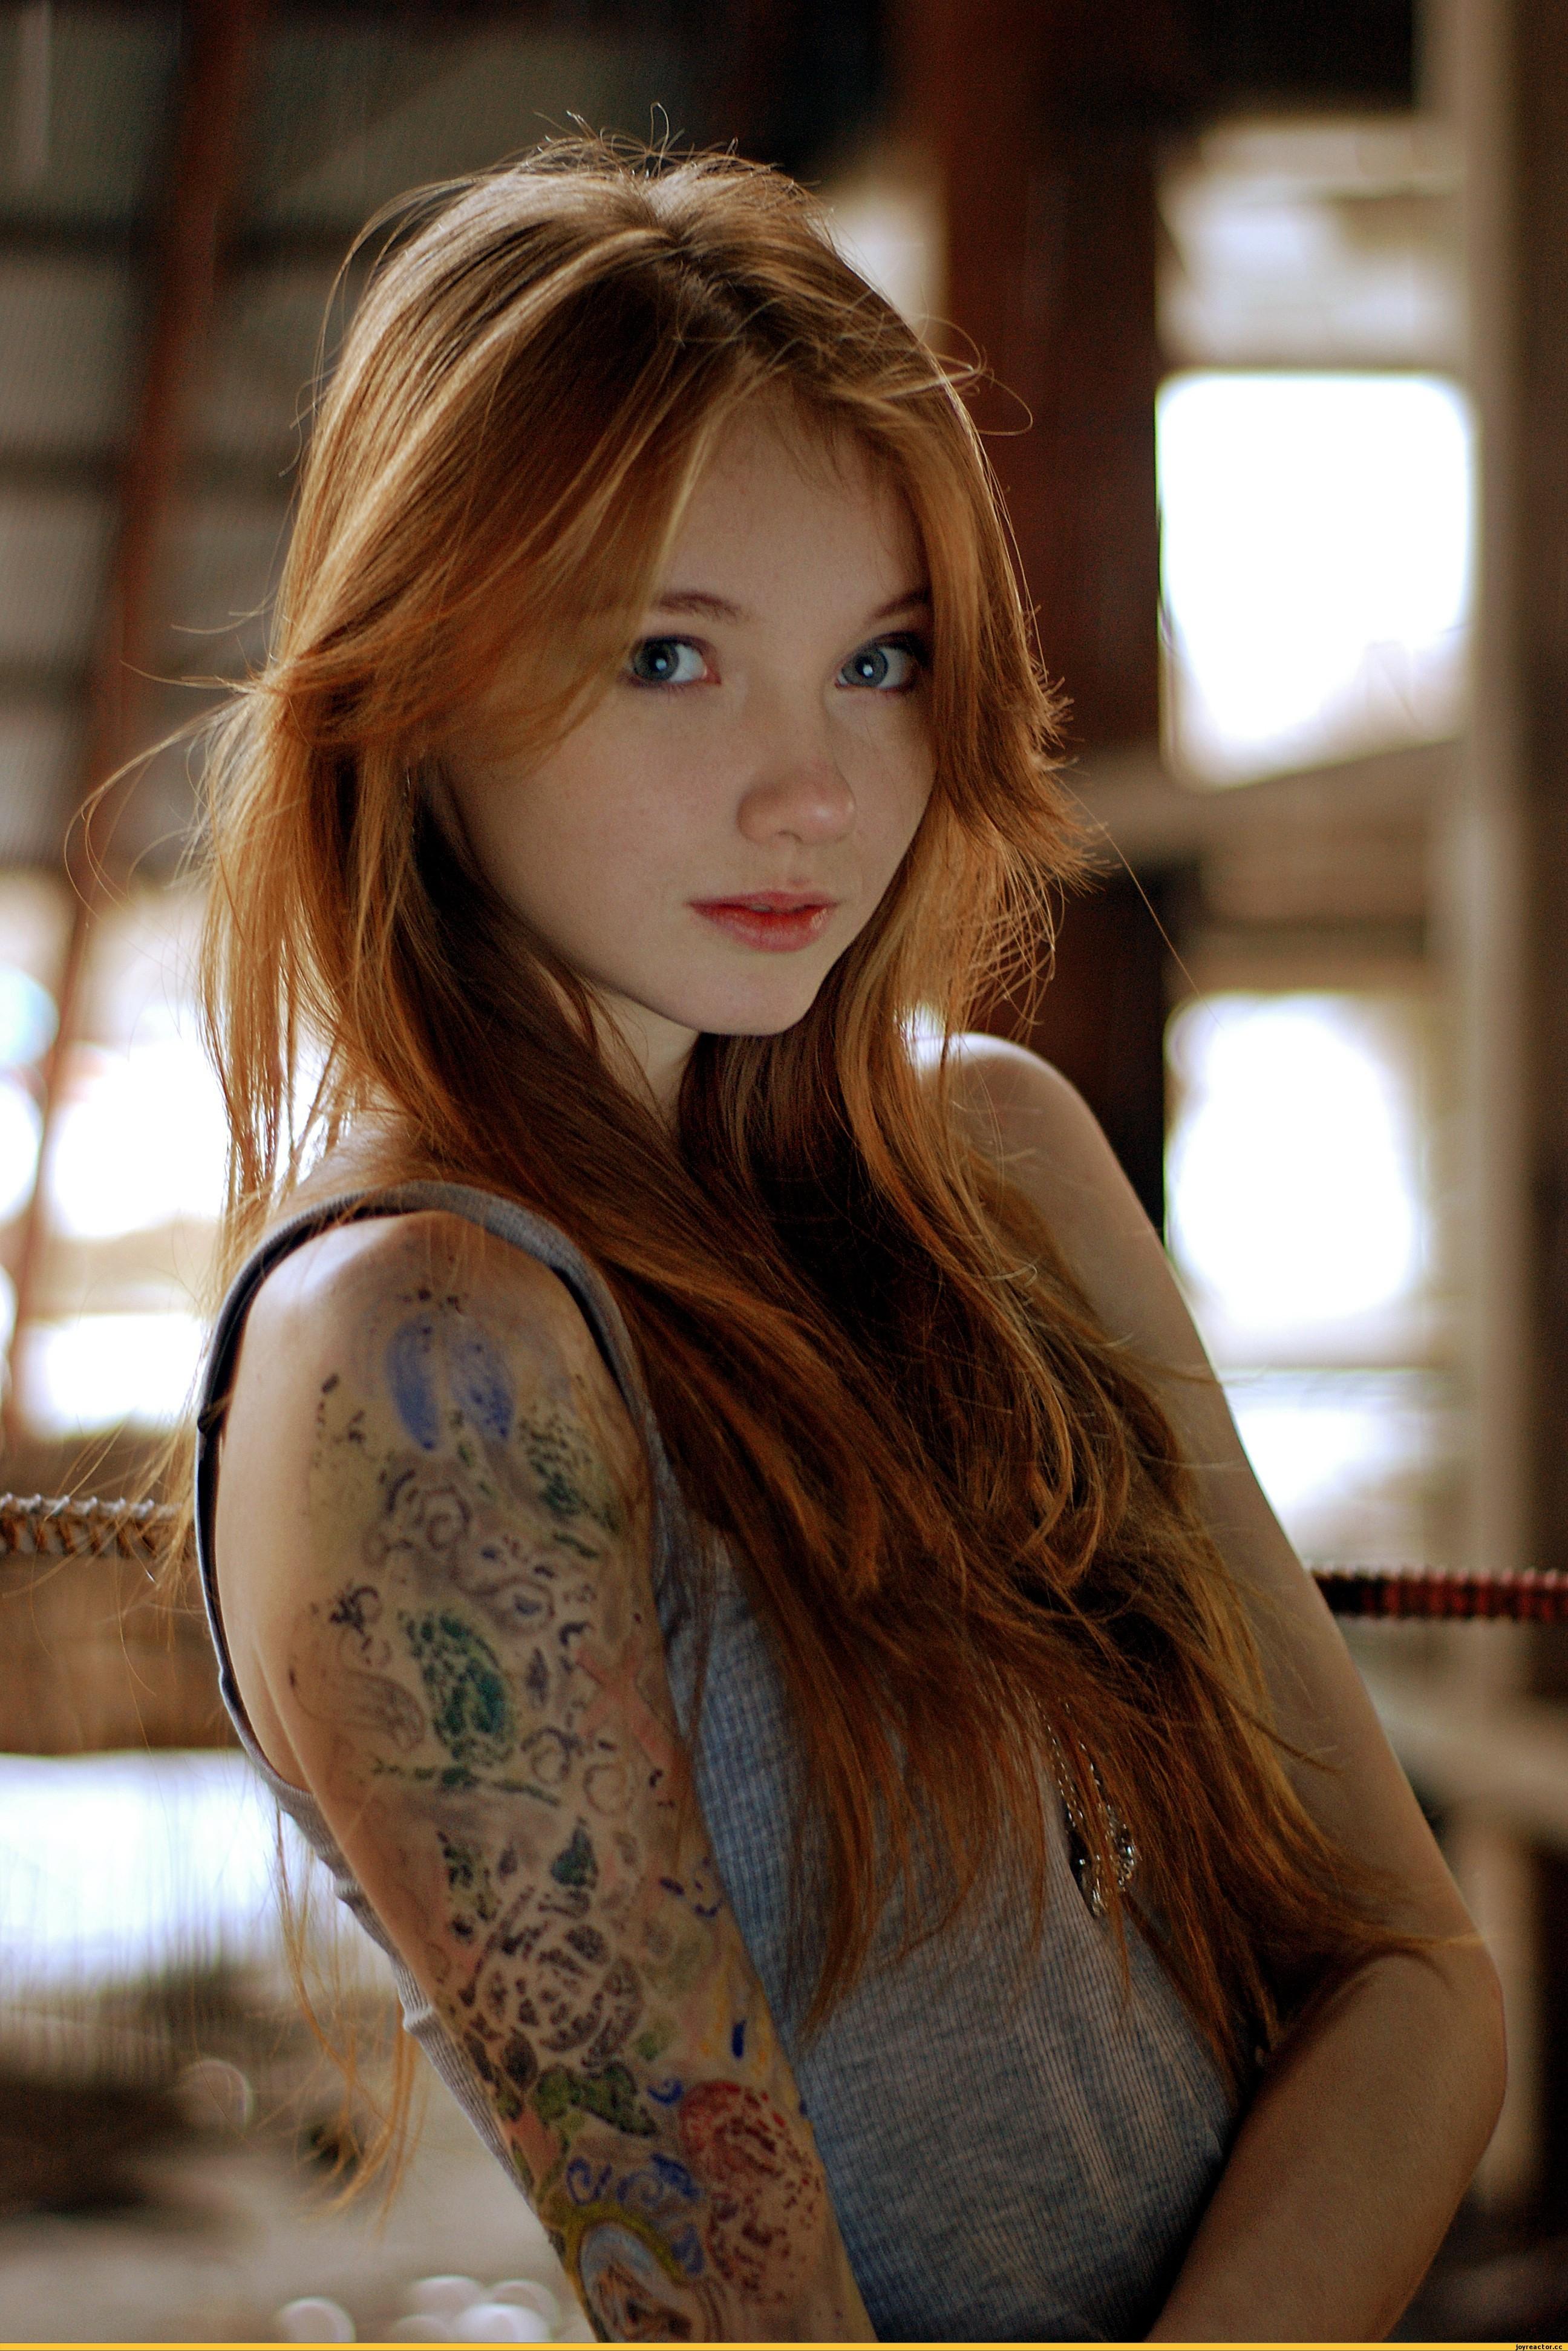 Фото красивая рыжеволосая девушка 6 фотография